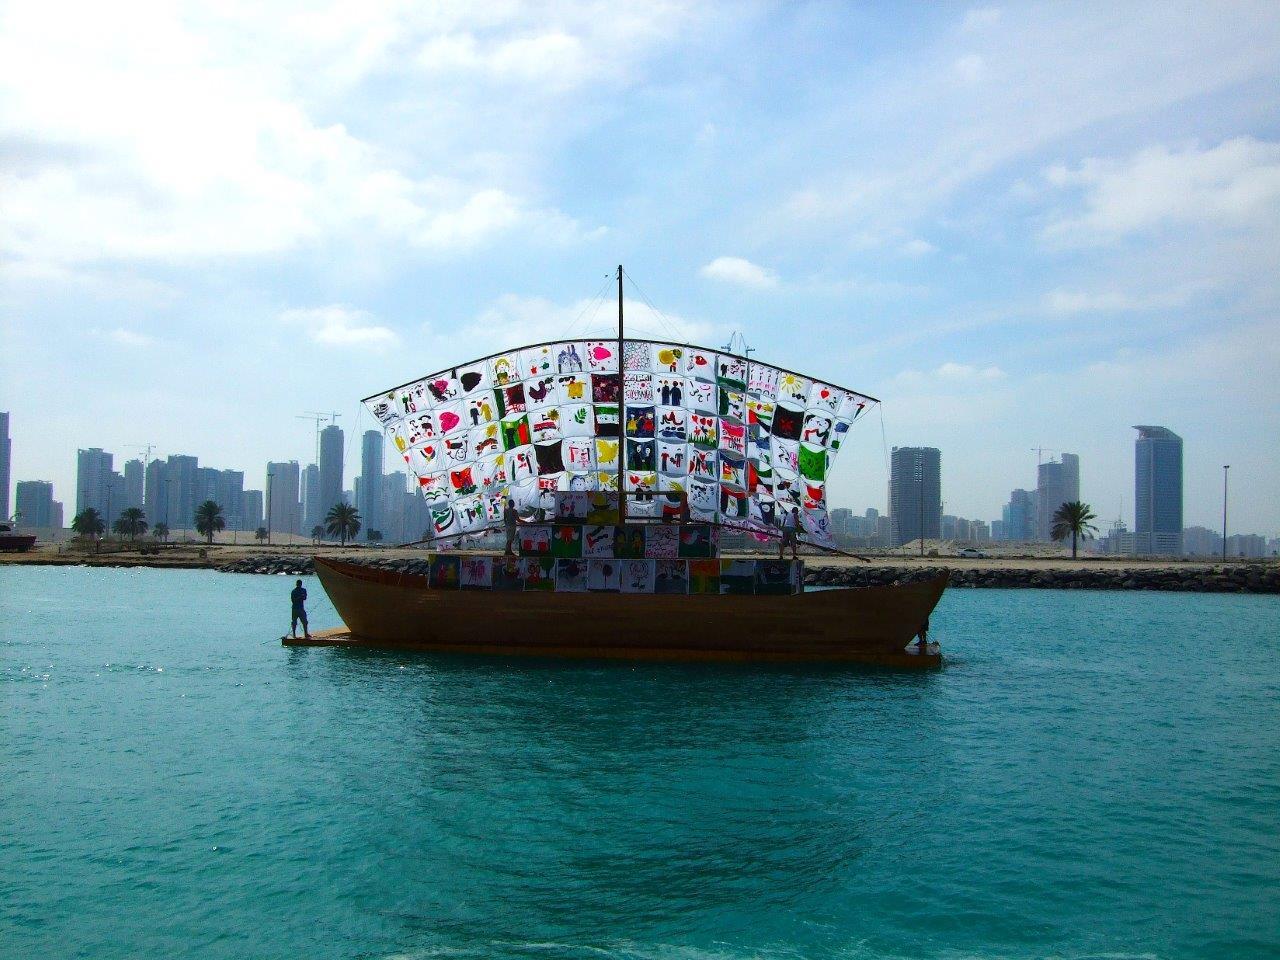 So sah das Ship of Tolerance in Ägypten aus.